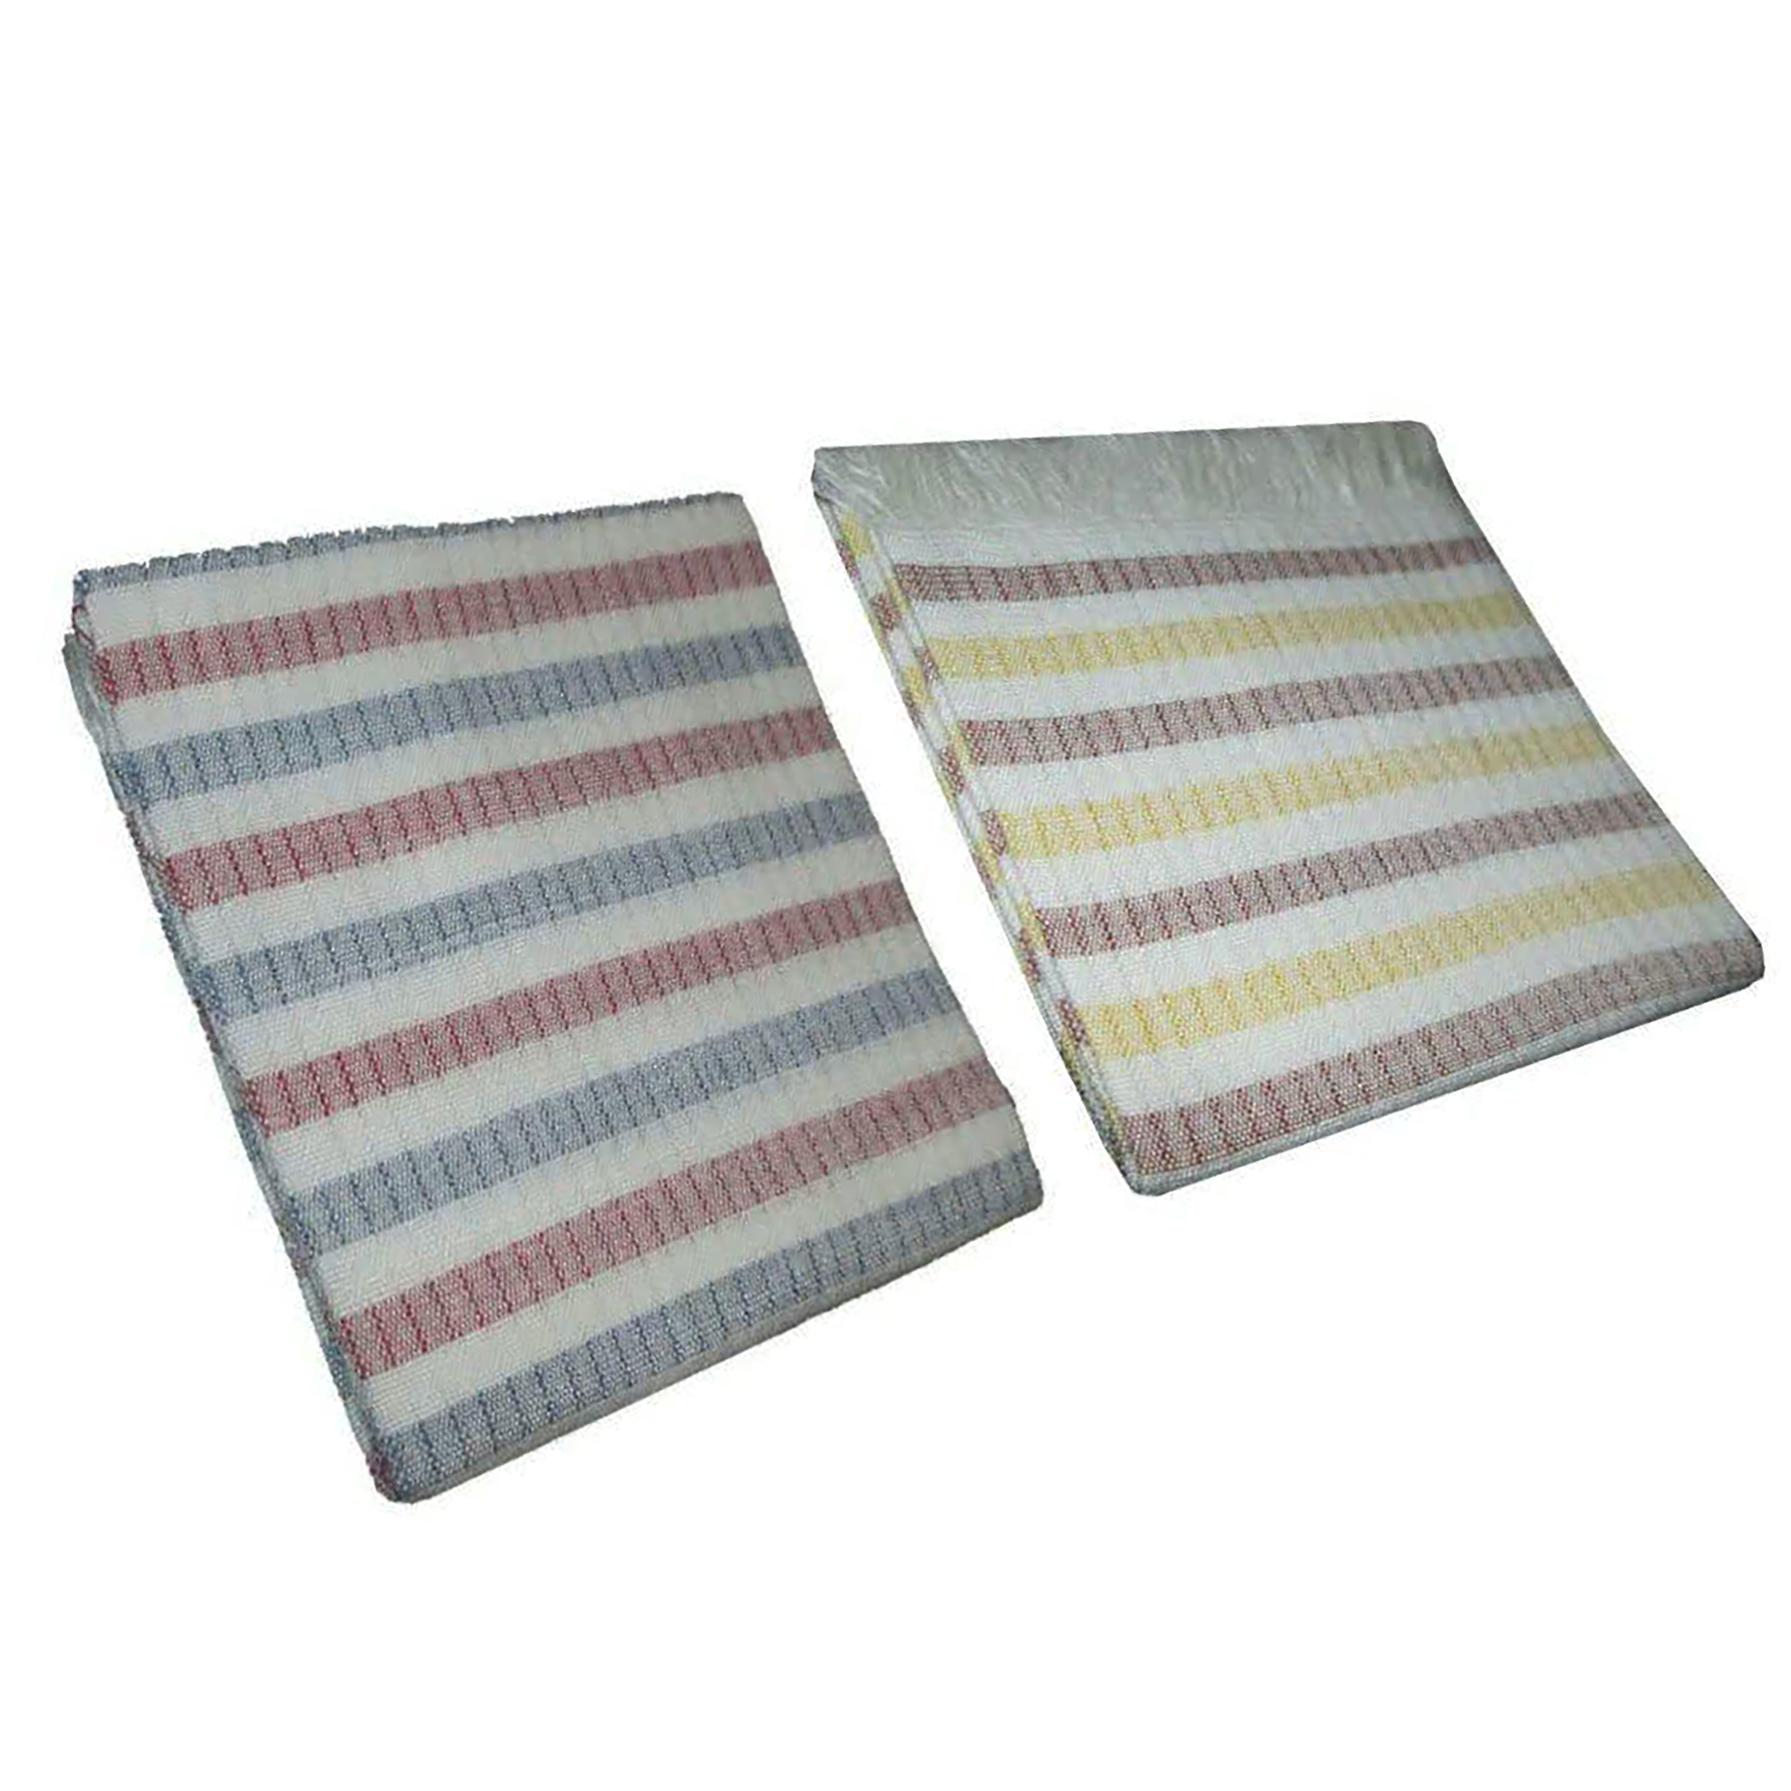 دستمال دستباف مدل ریواس سایز 50 × 60 سانتیمتر بسته دو عددی